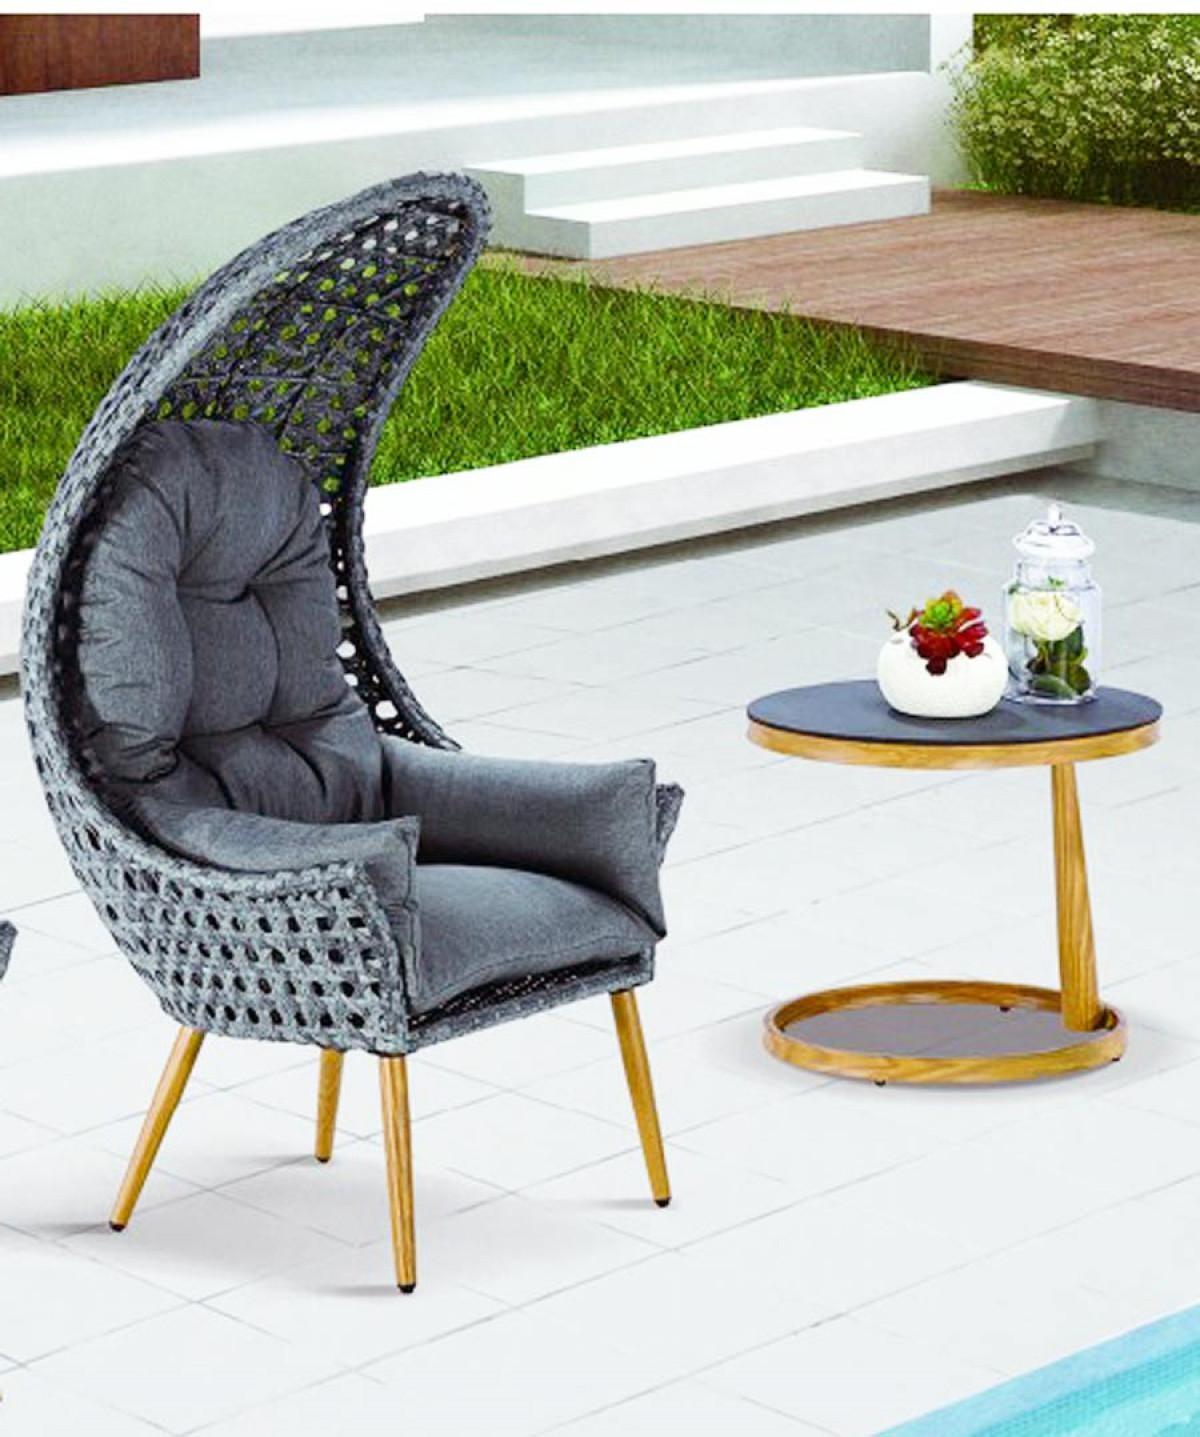 fauteuil de jardin ou d interieur avec sa table les 2 pieces